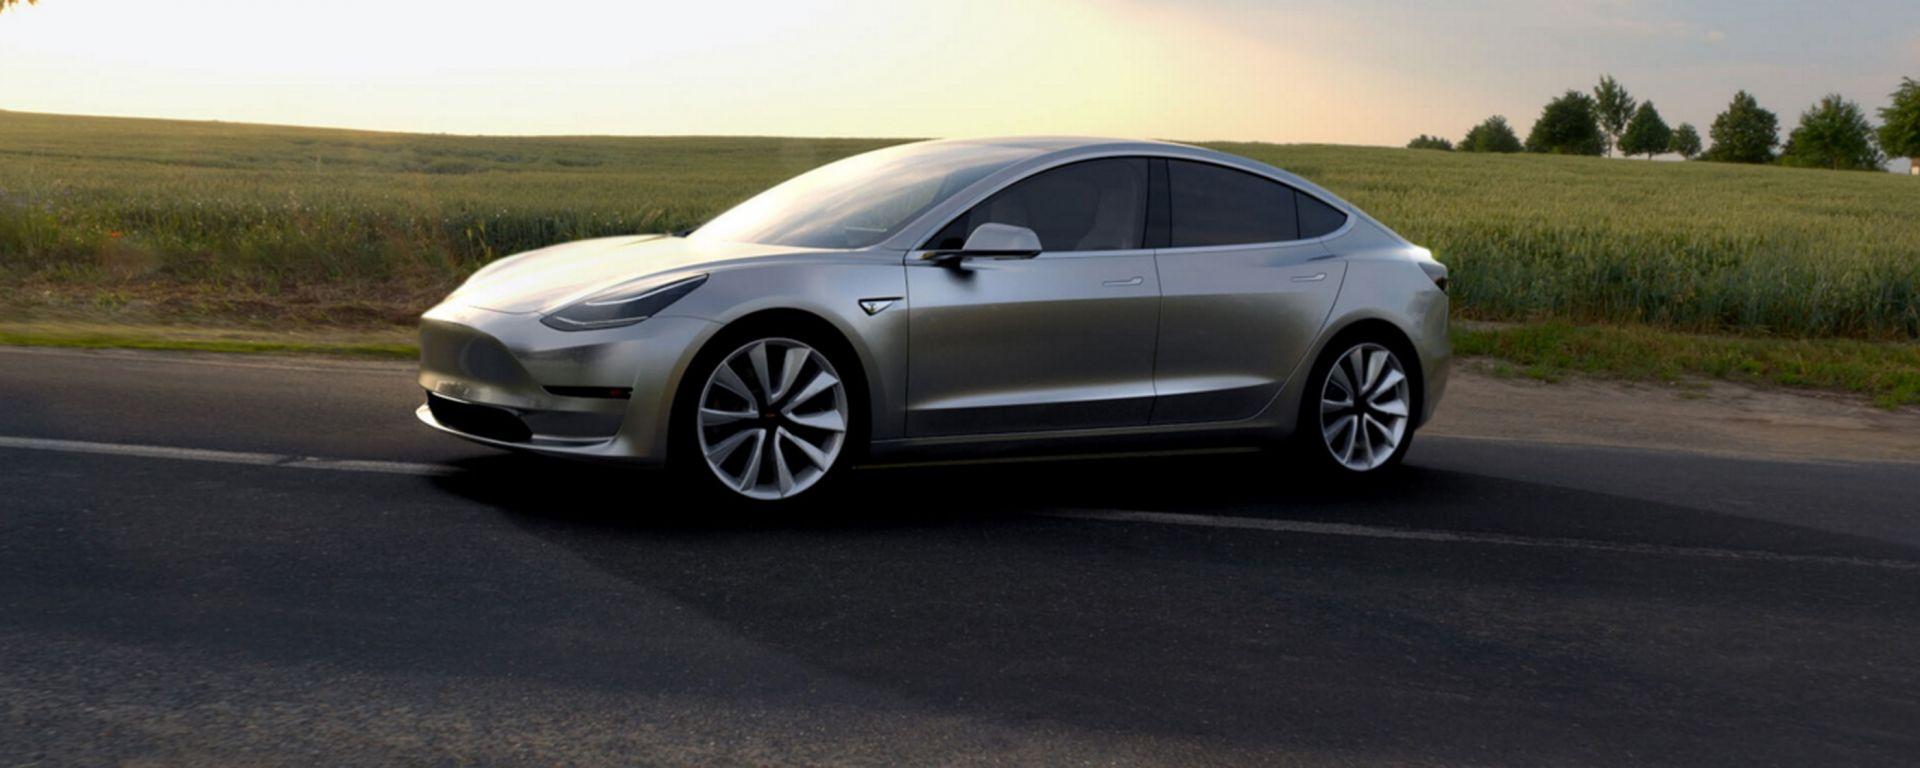 Tesla Model 3: la berlina elettrica di Elon Musk arriverà a luglio 2017